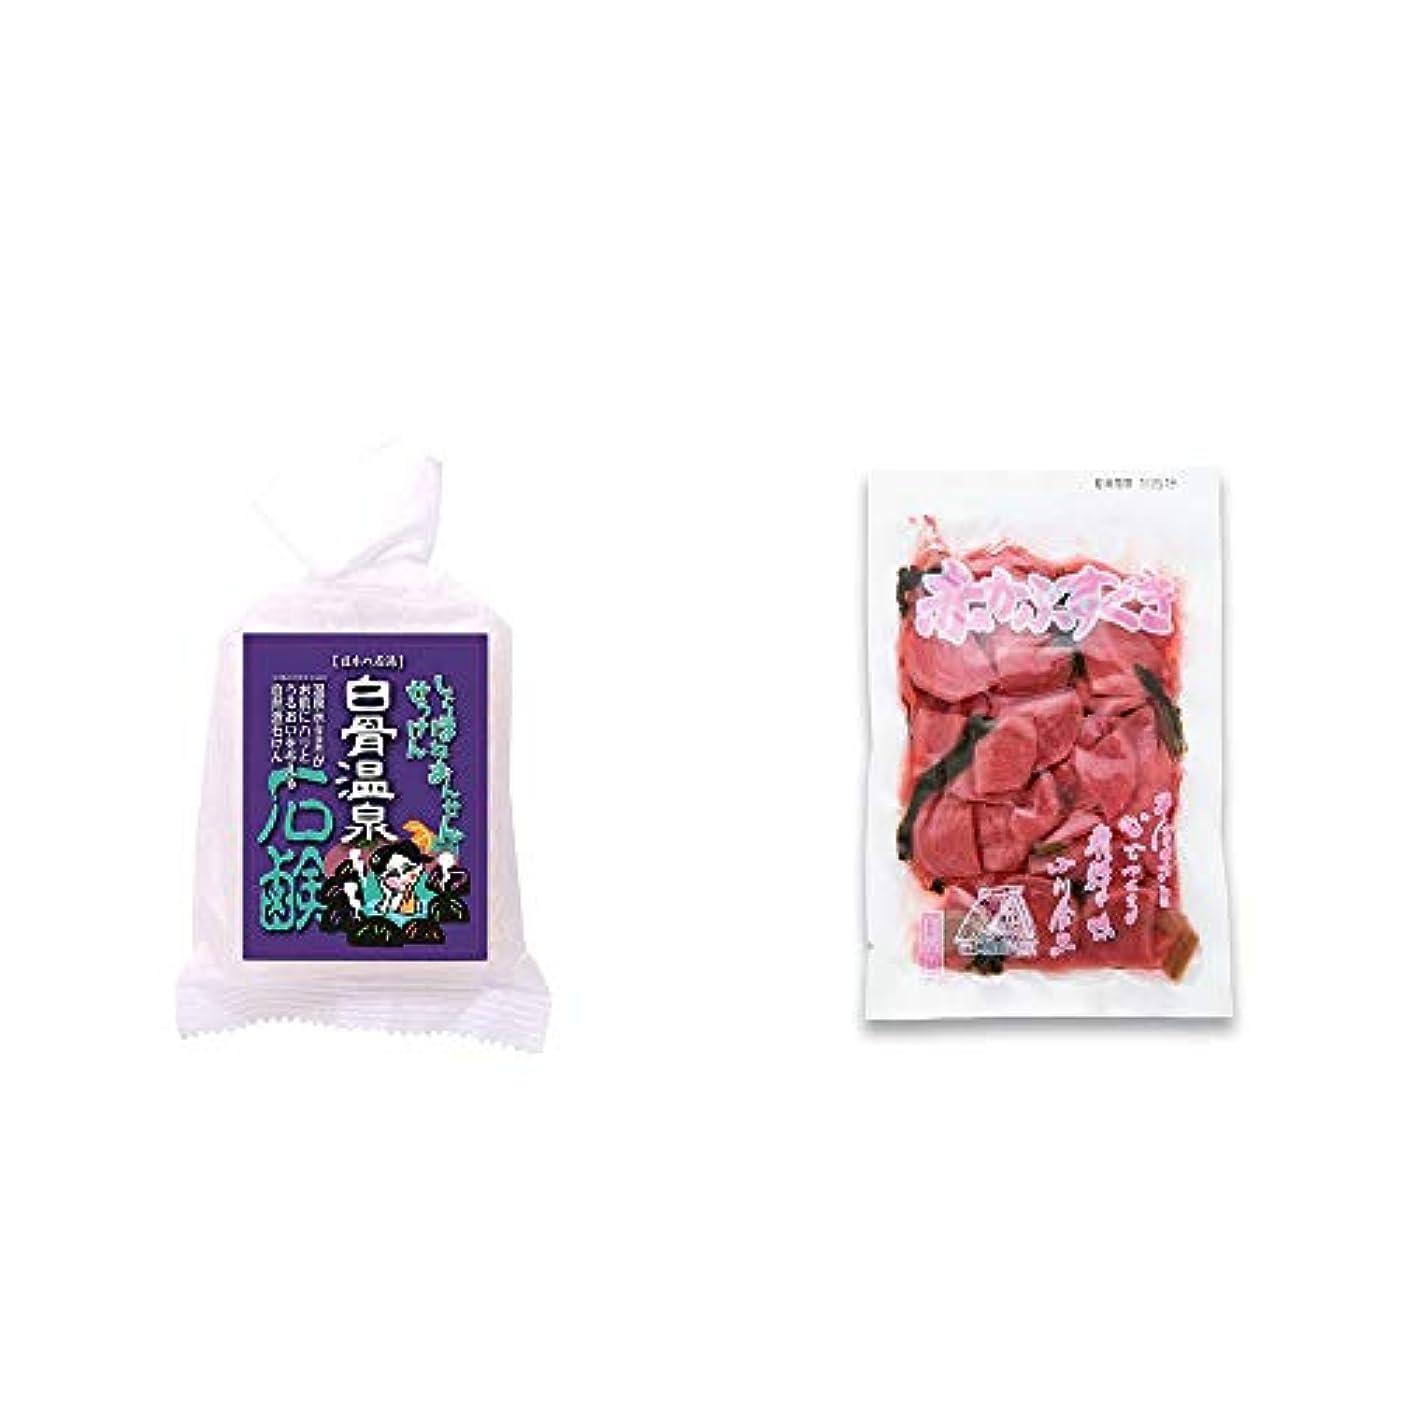 ギャング雑種プレミア[2点セット] 信州 白骨温泉石鹸(80g)?赤かぶすぐき(160g)